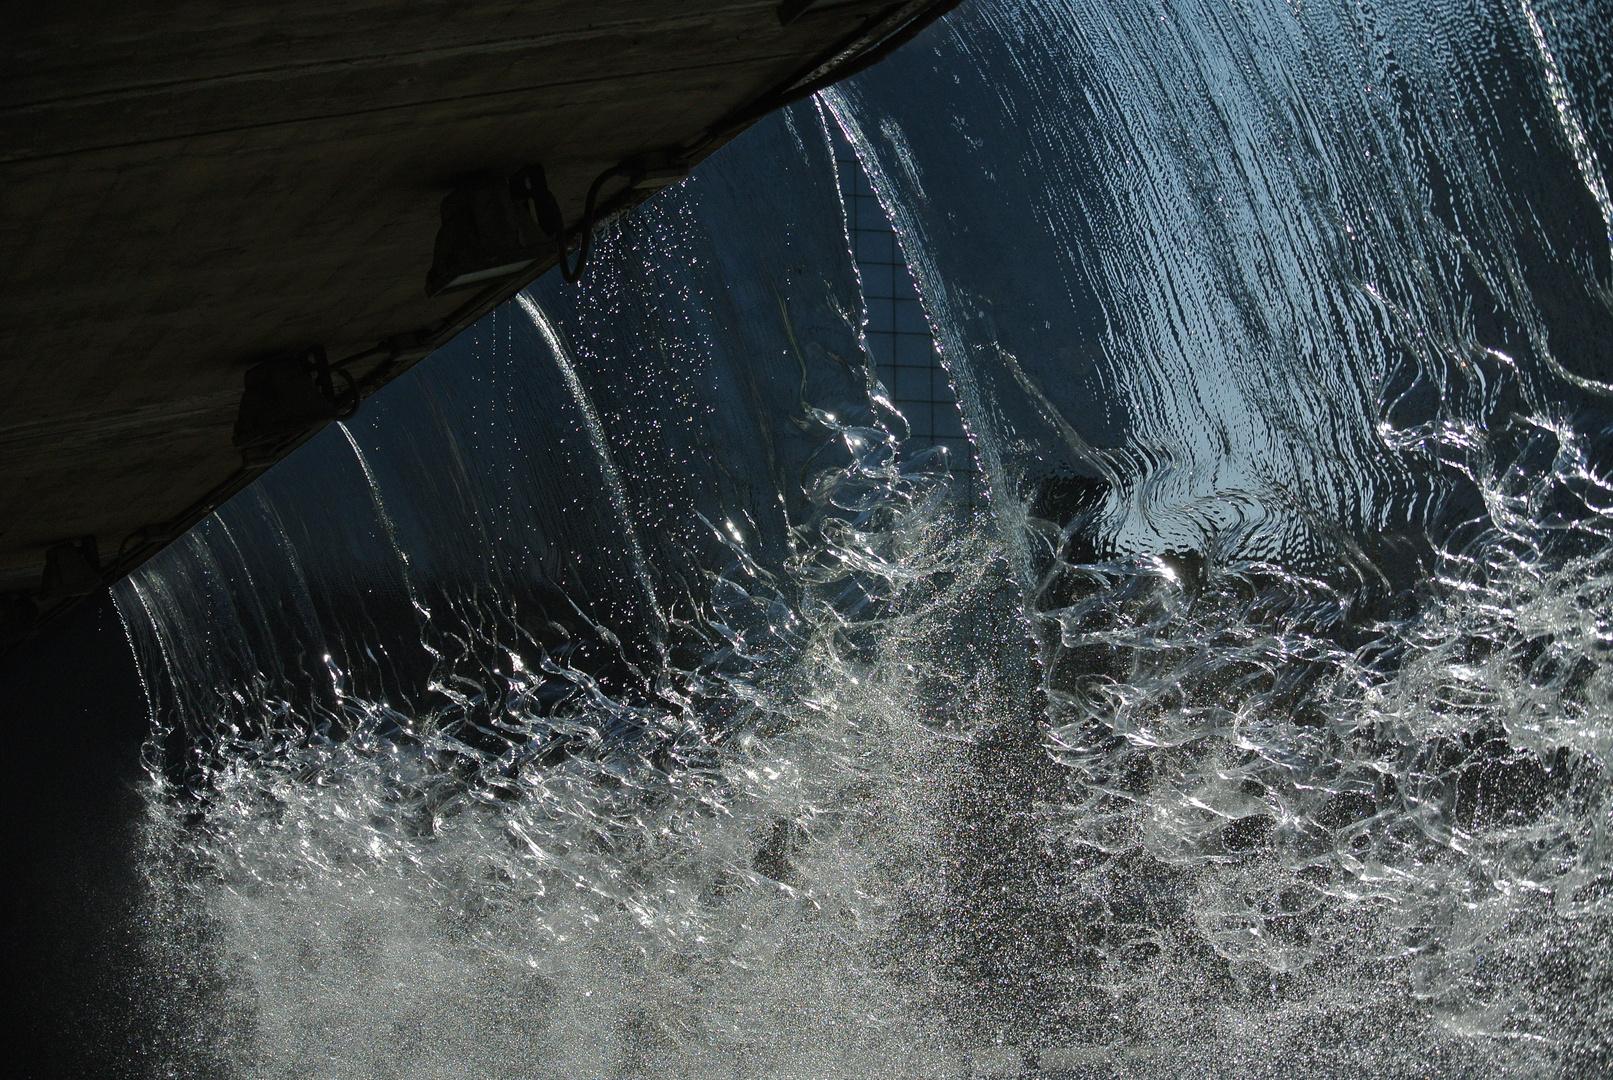 Aigua que cau